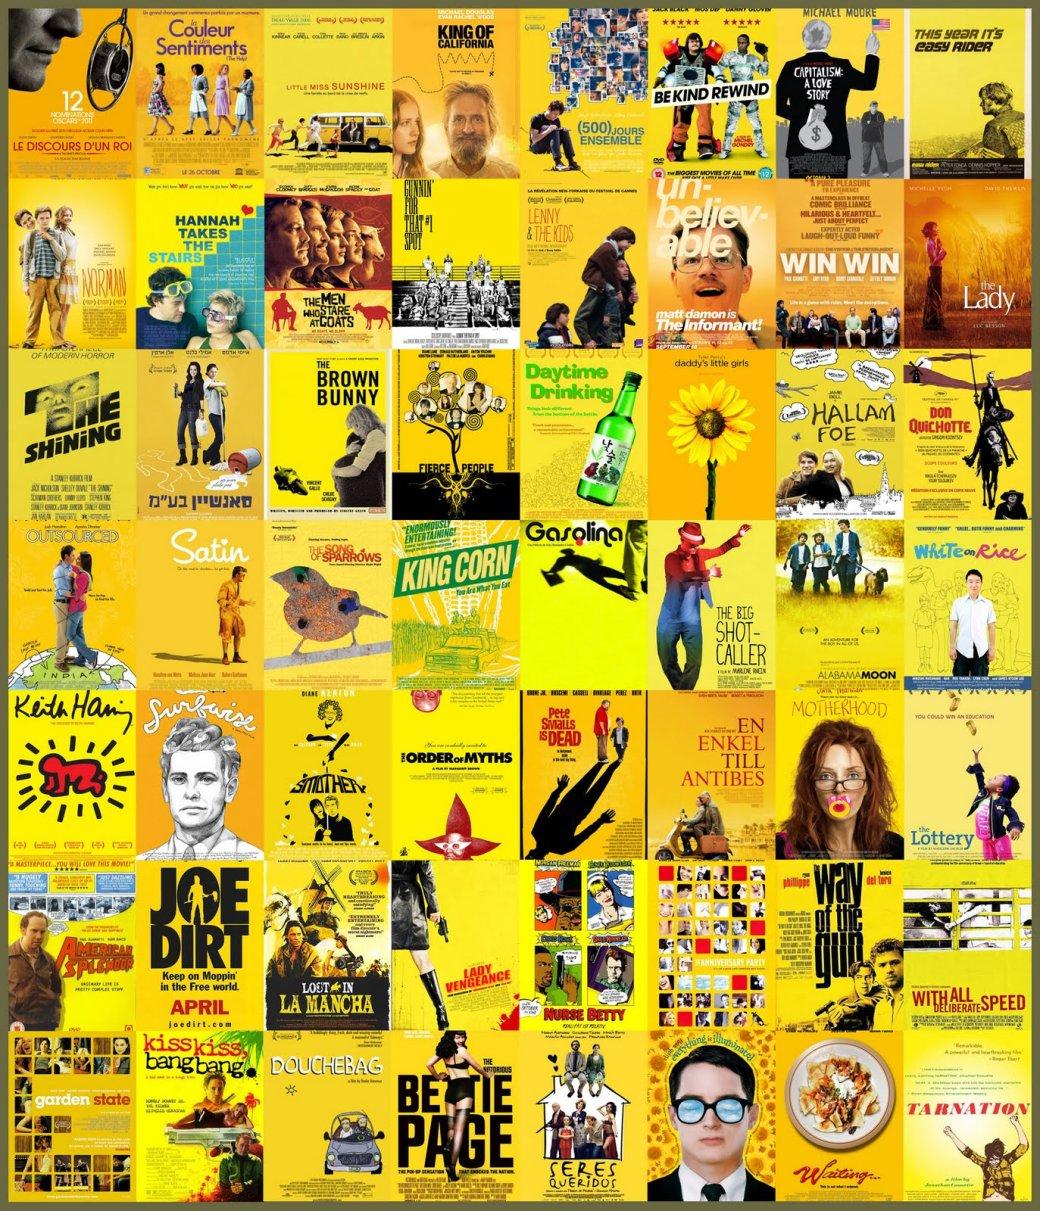 Утомившие киноштампы: Когда-то  постеры были искусством - Изображение 71